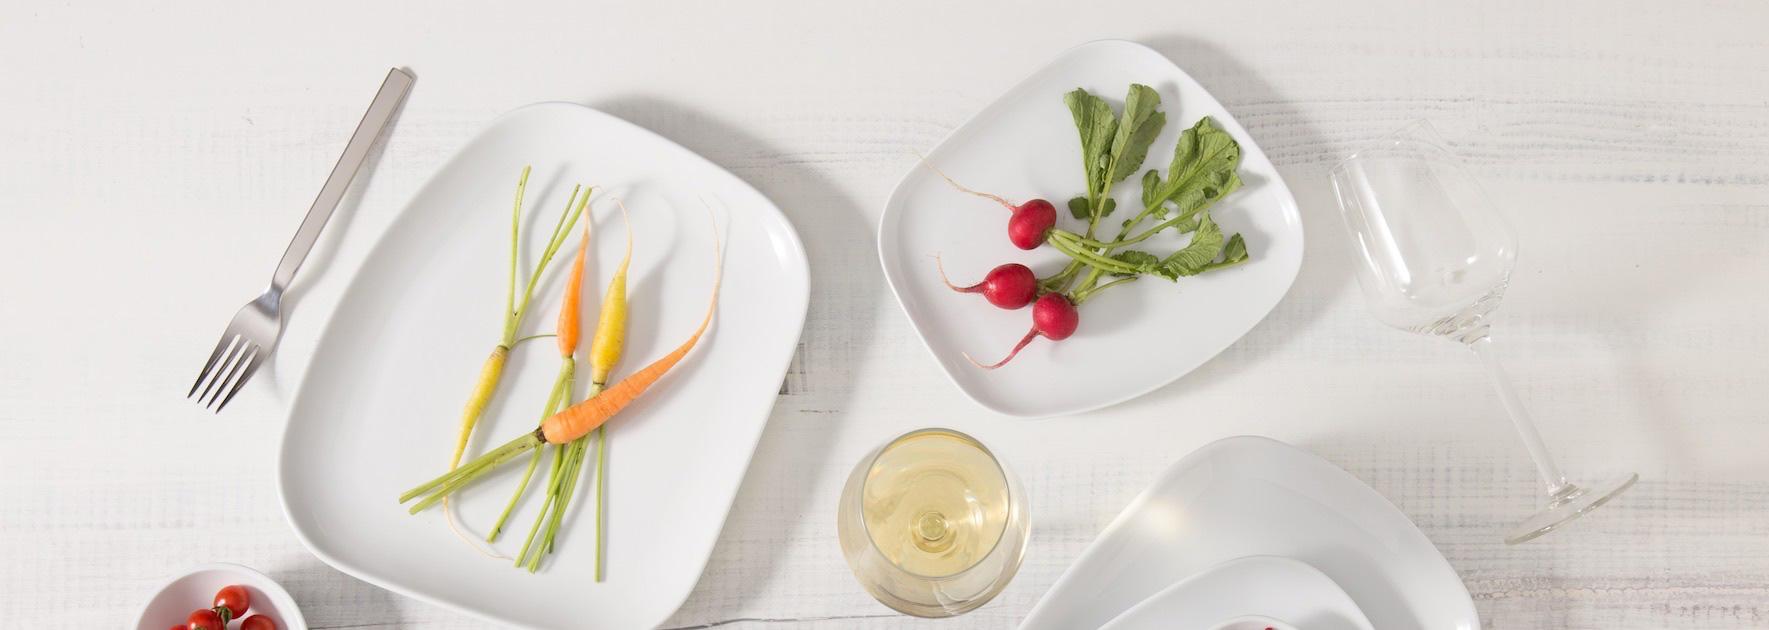 Vajillas,-Cristalería-y-Cubiertos-para-tu-nuevo-restaurante